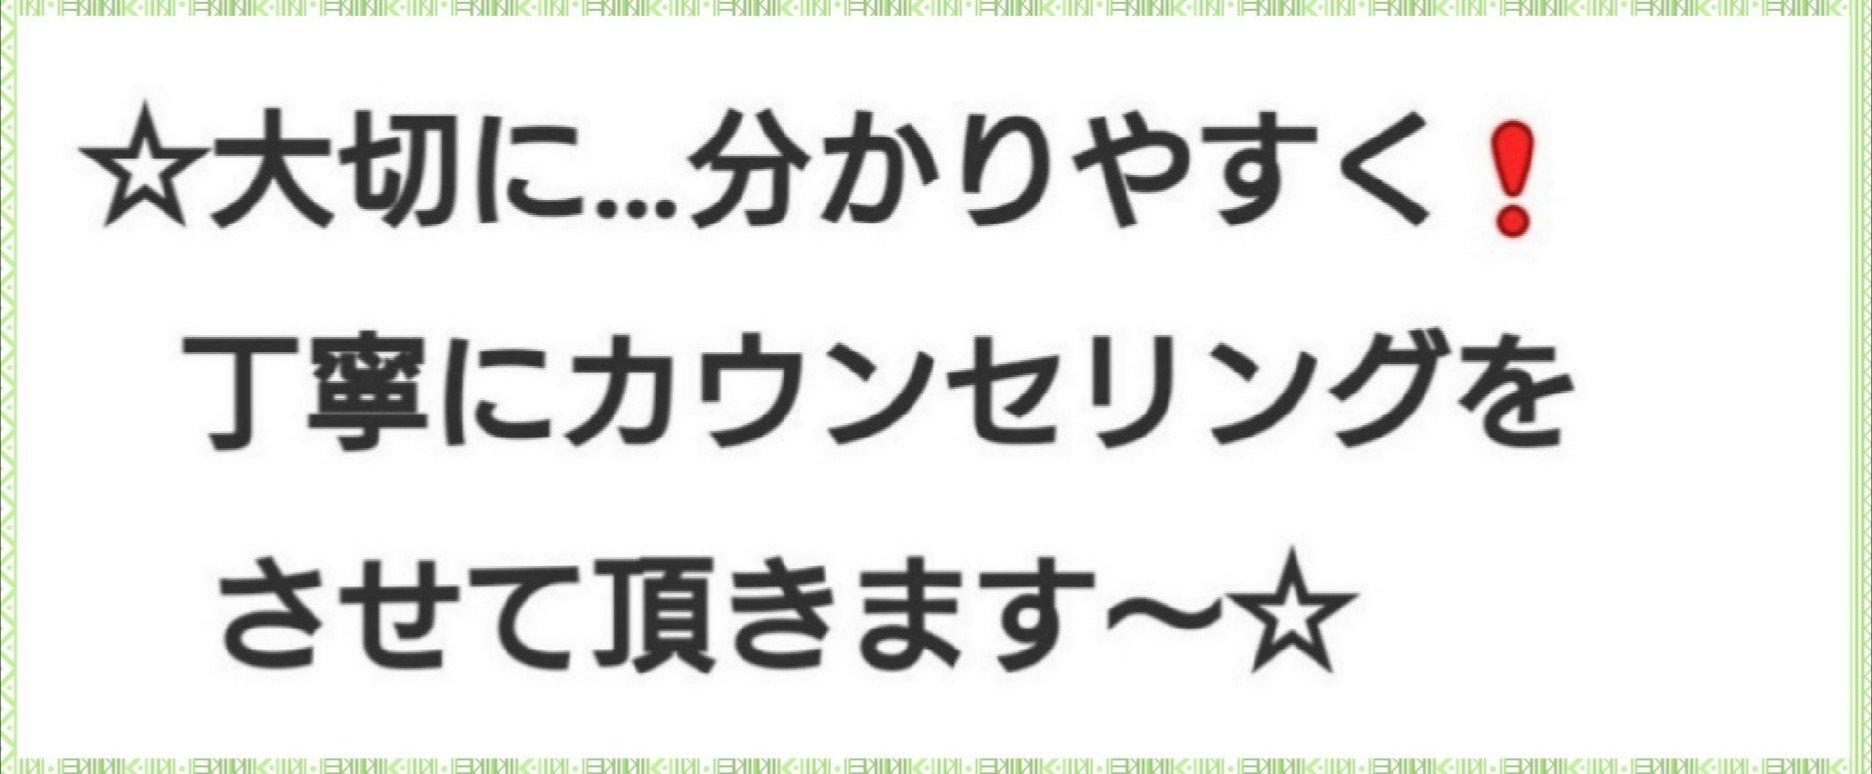 【アトピー・肌トラブル専門】冬肌の肌トラブルにご用心…☆